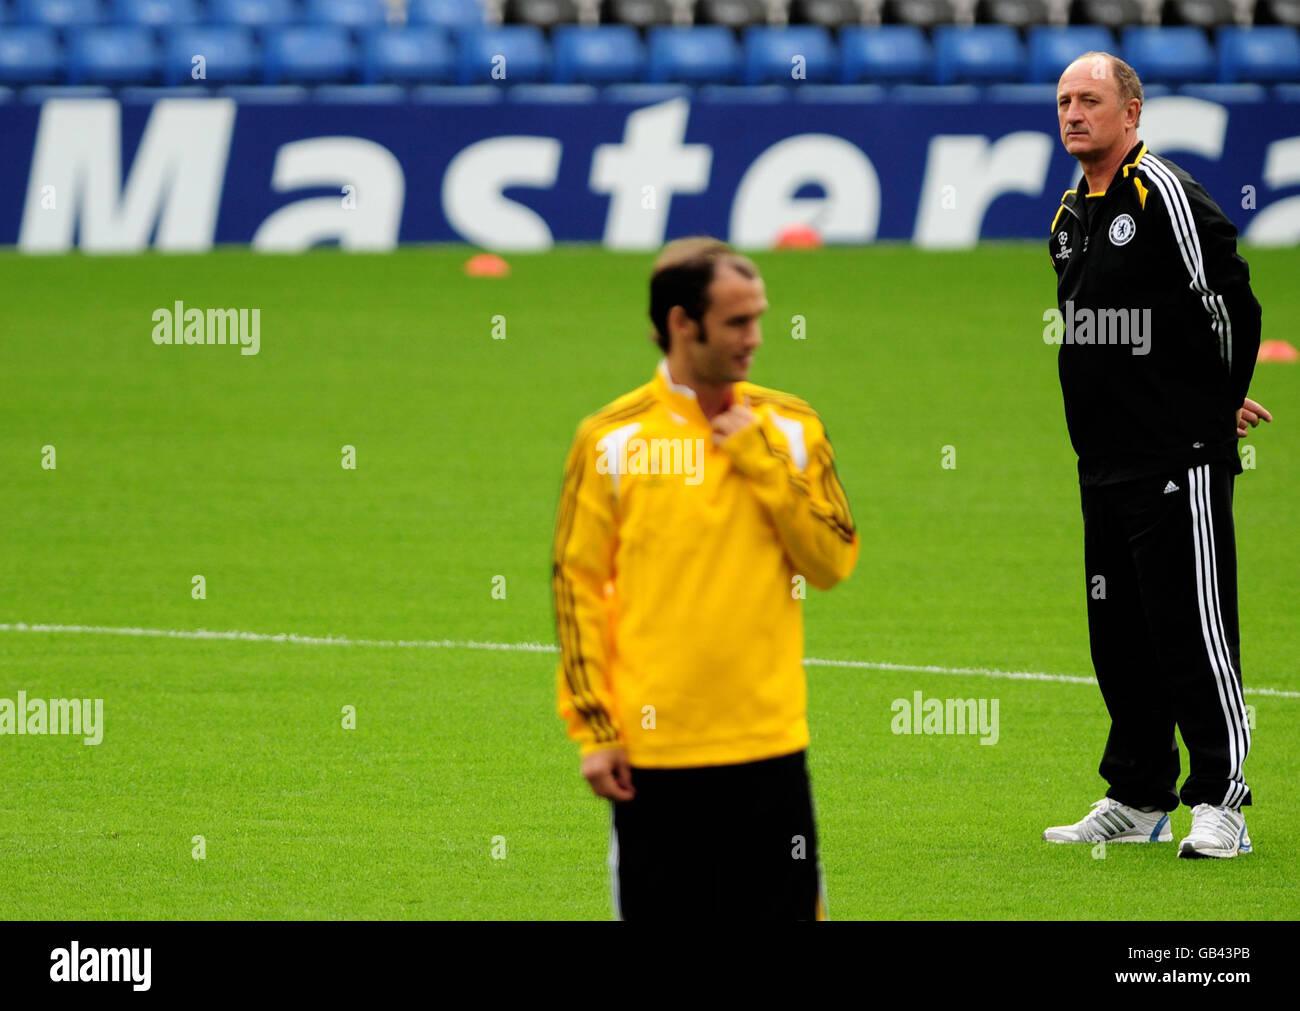 Soccer - Chelsea Training Session - Stamford Bridge - Stock Image